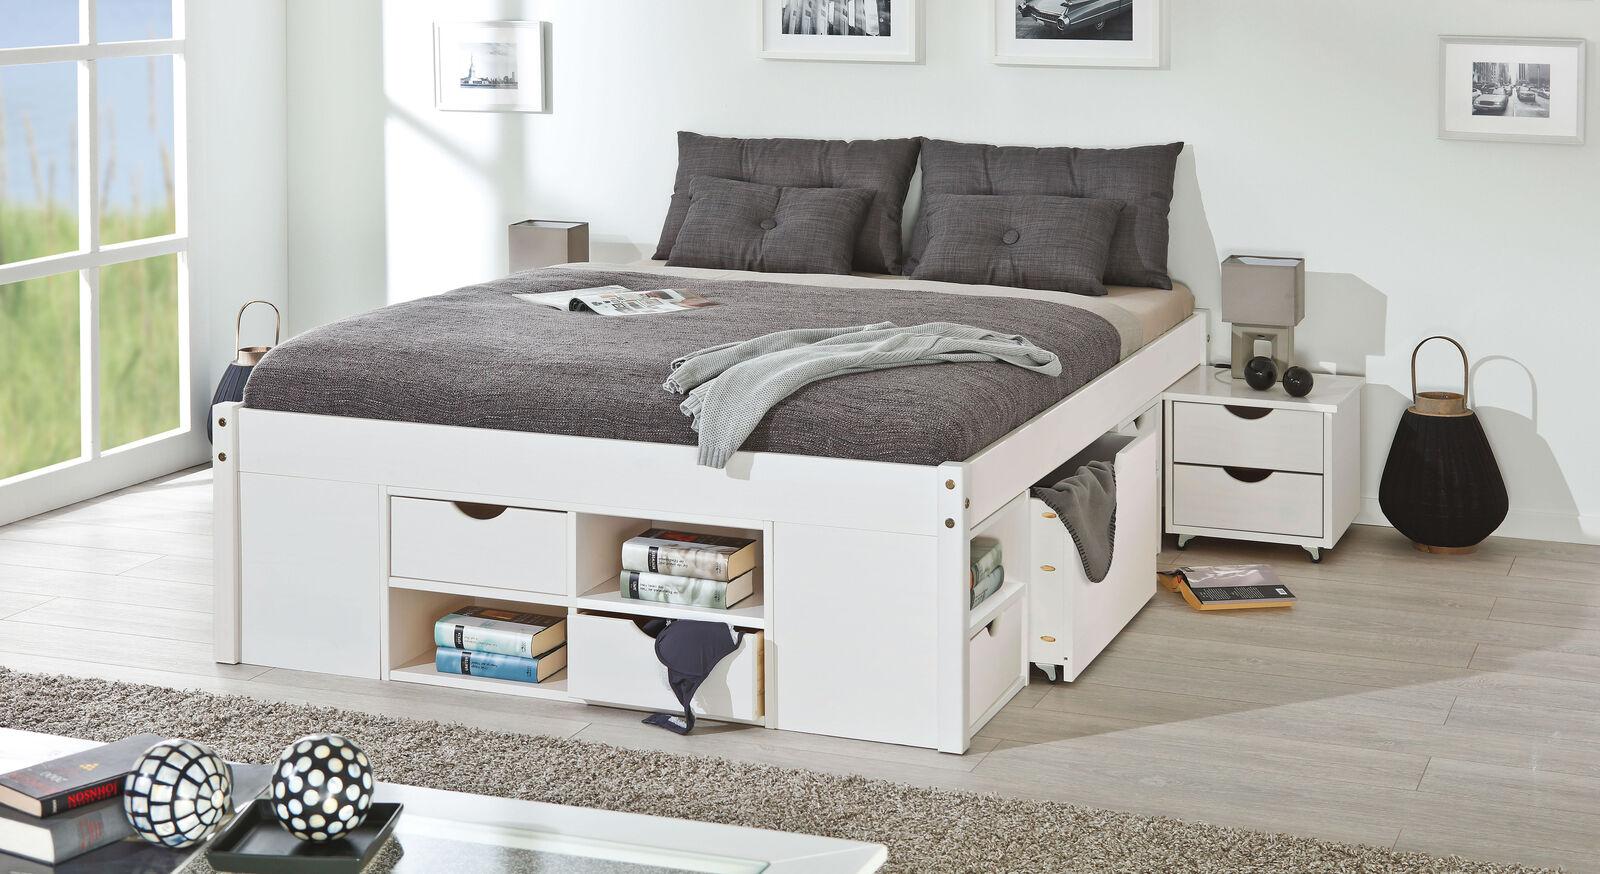 Praktisches Schubkastenbett Göteborg mit integriertem Stauraum